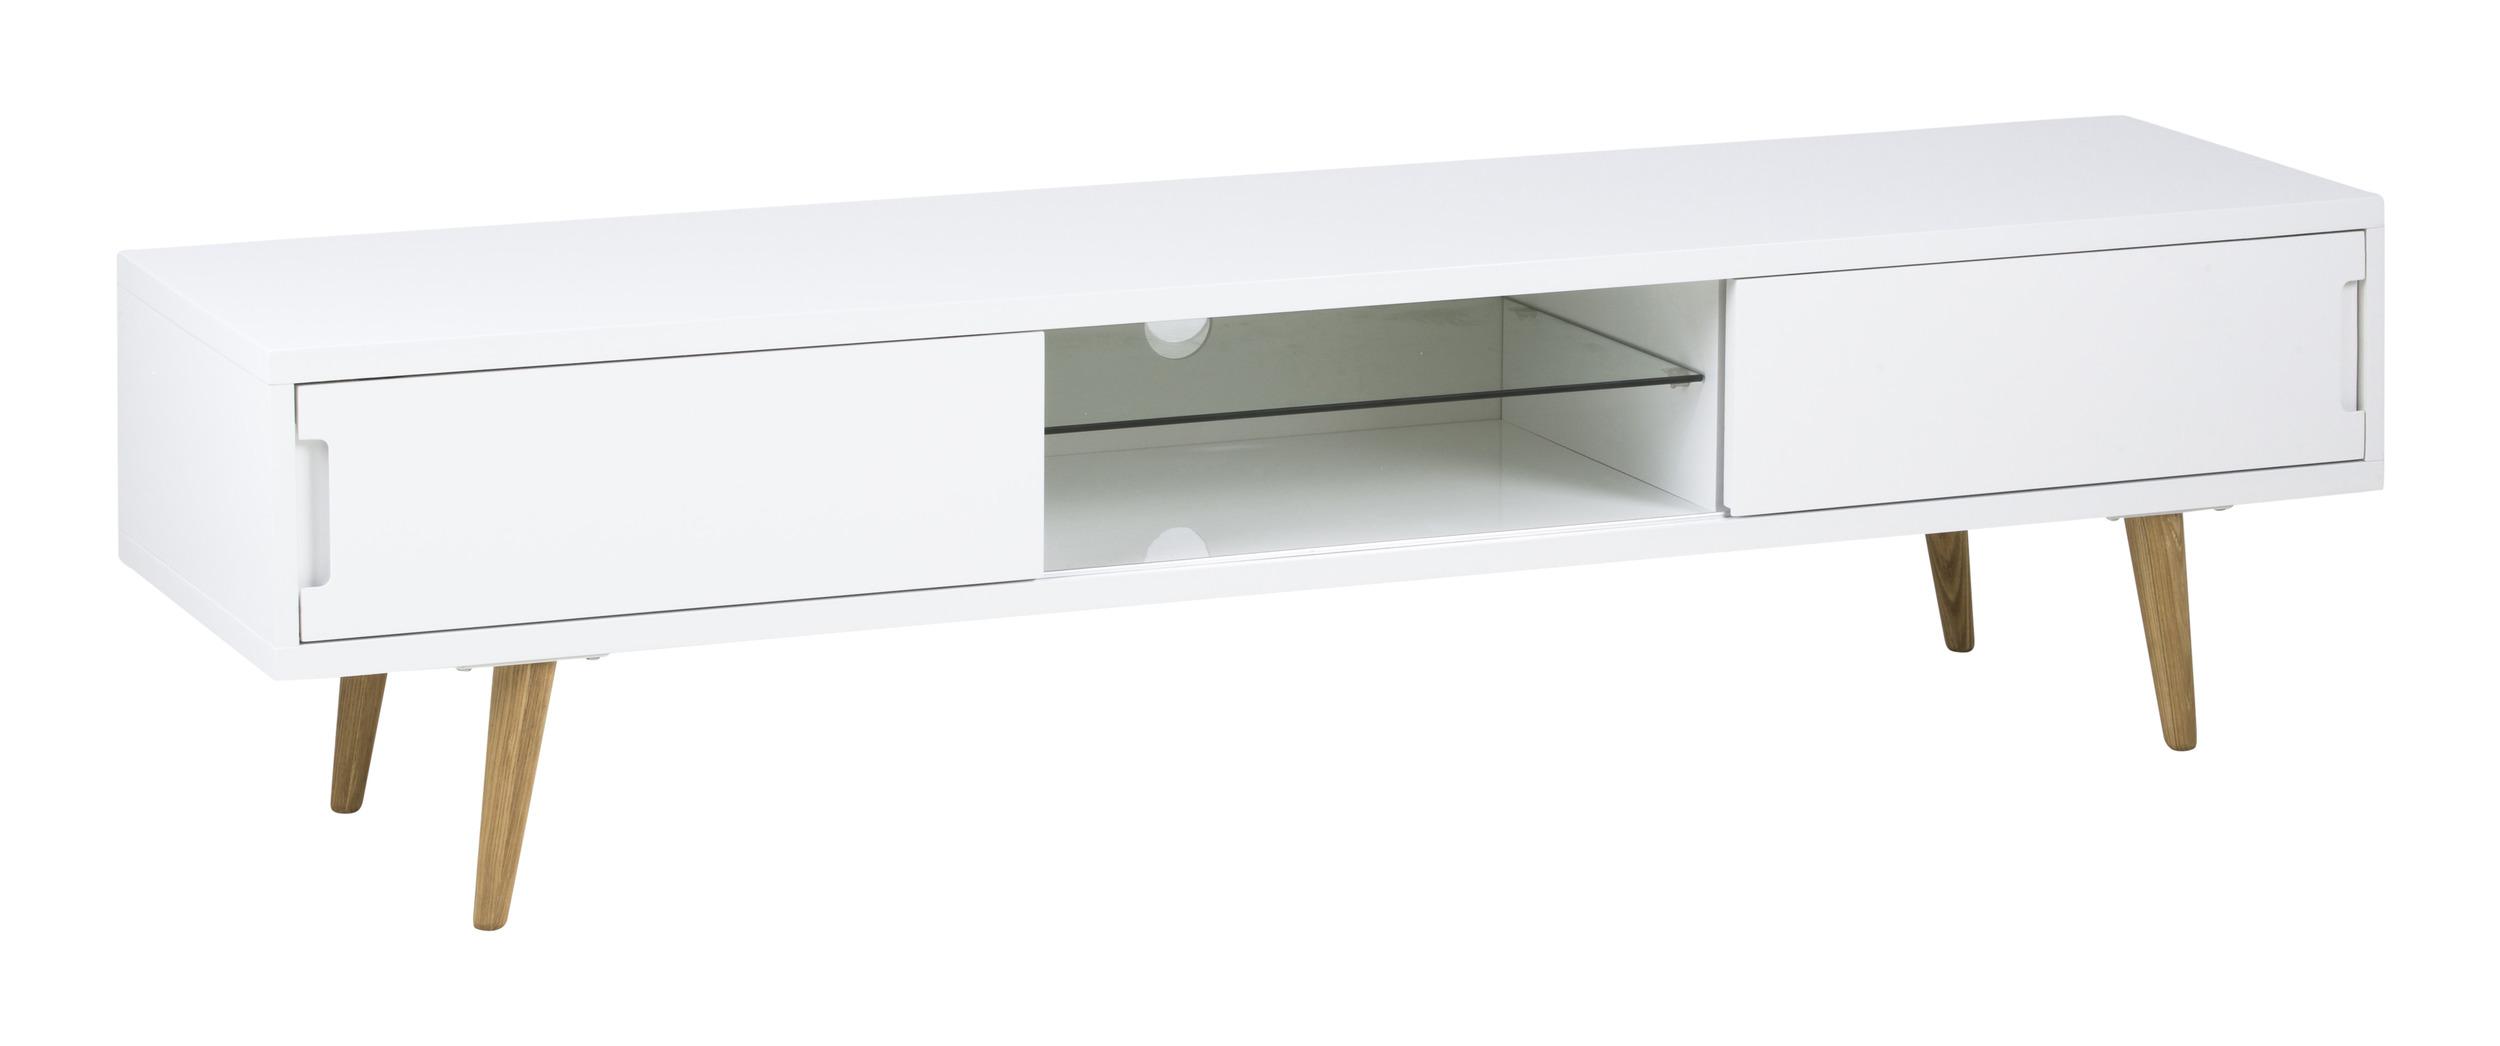 Bendt Tv-meubel 'Elina' 180cm, kleur wit vergelijken Bendt